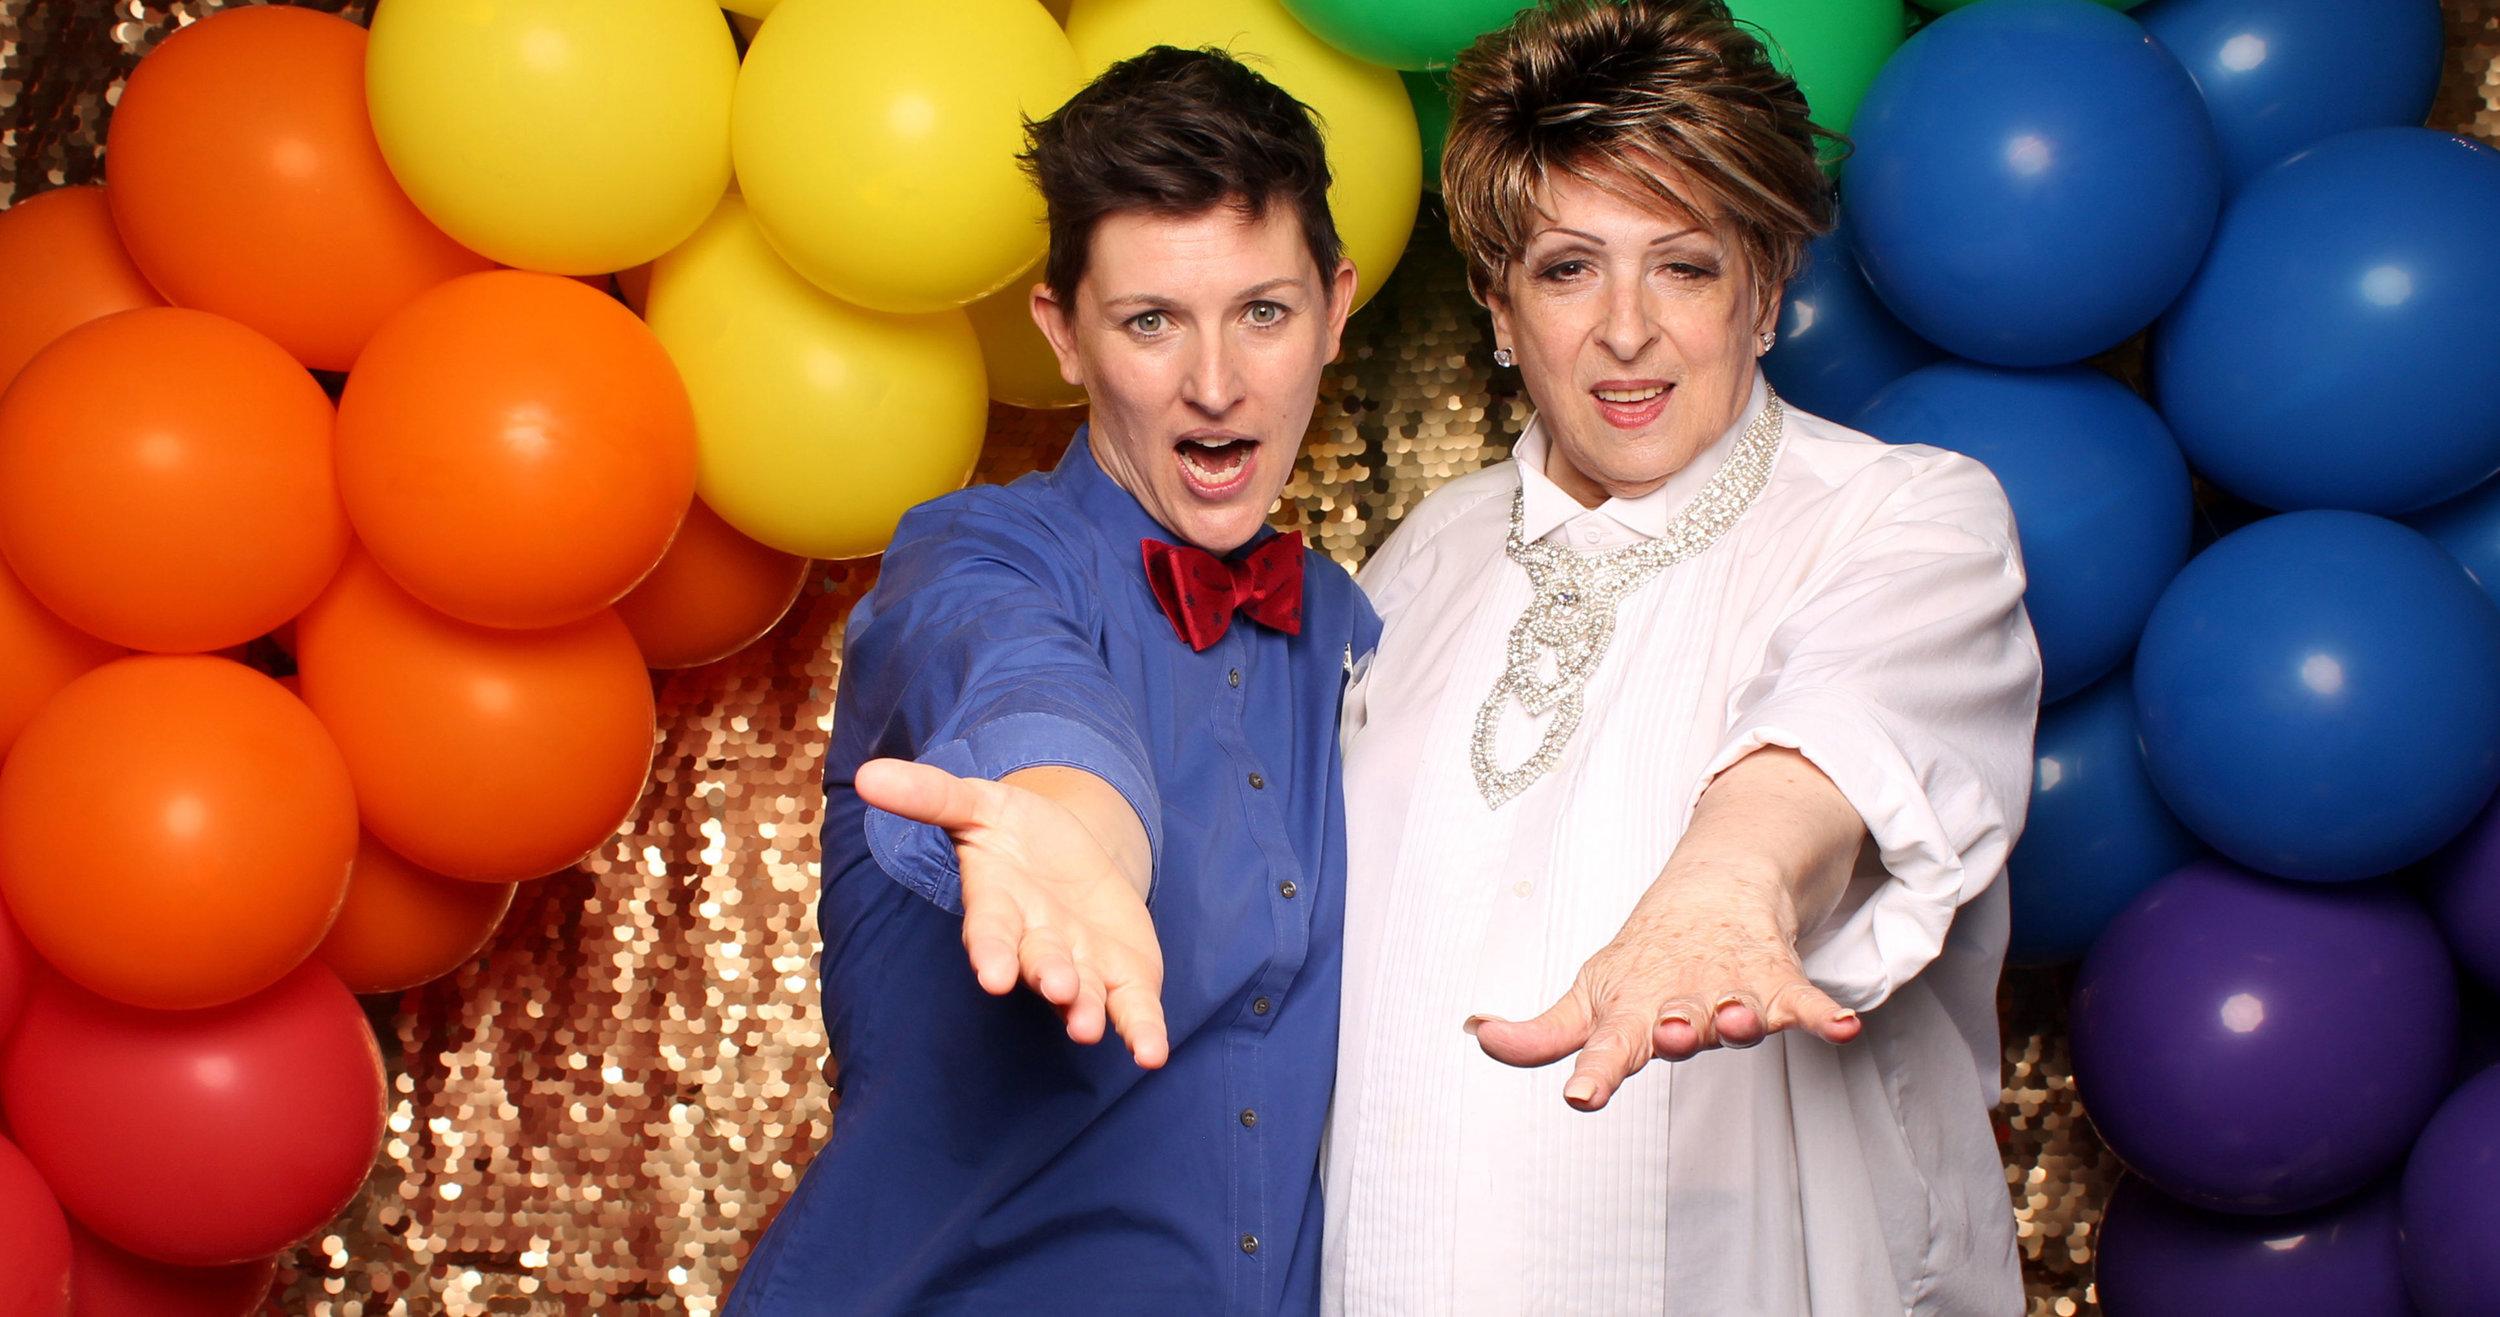 LGBTQ3.jpg